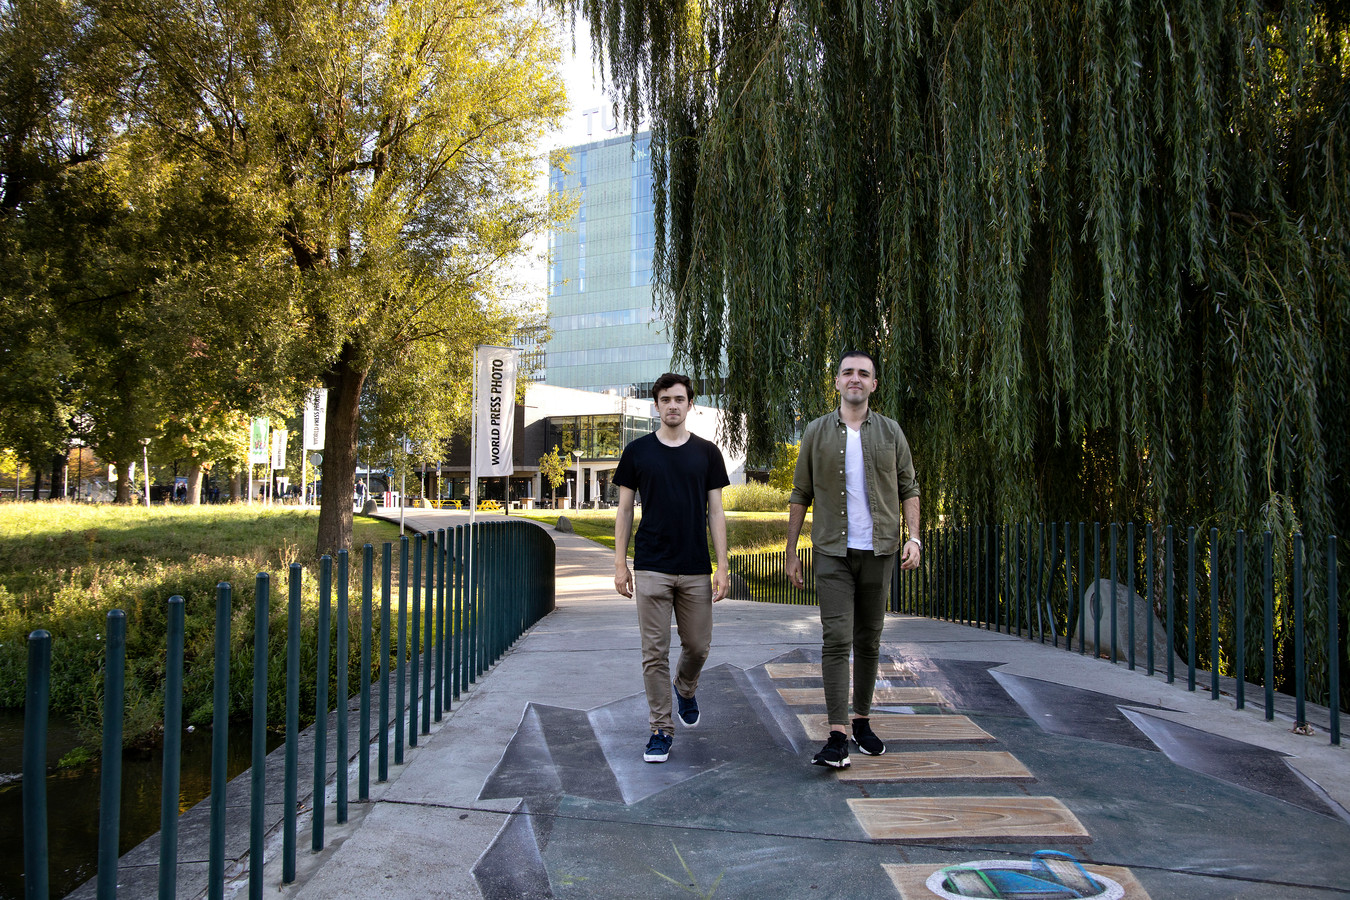 Martín Pérez Rodríguez (links) en Ali Najafi op het terrein van de Technische Universiteit Eindhoven.